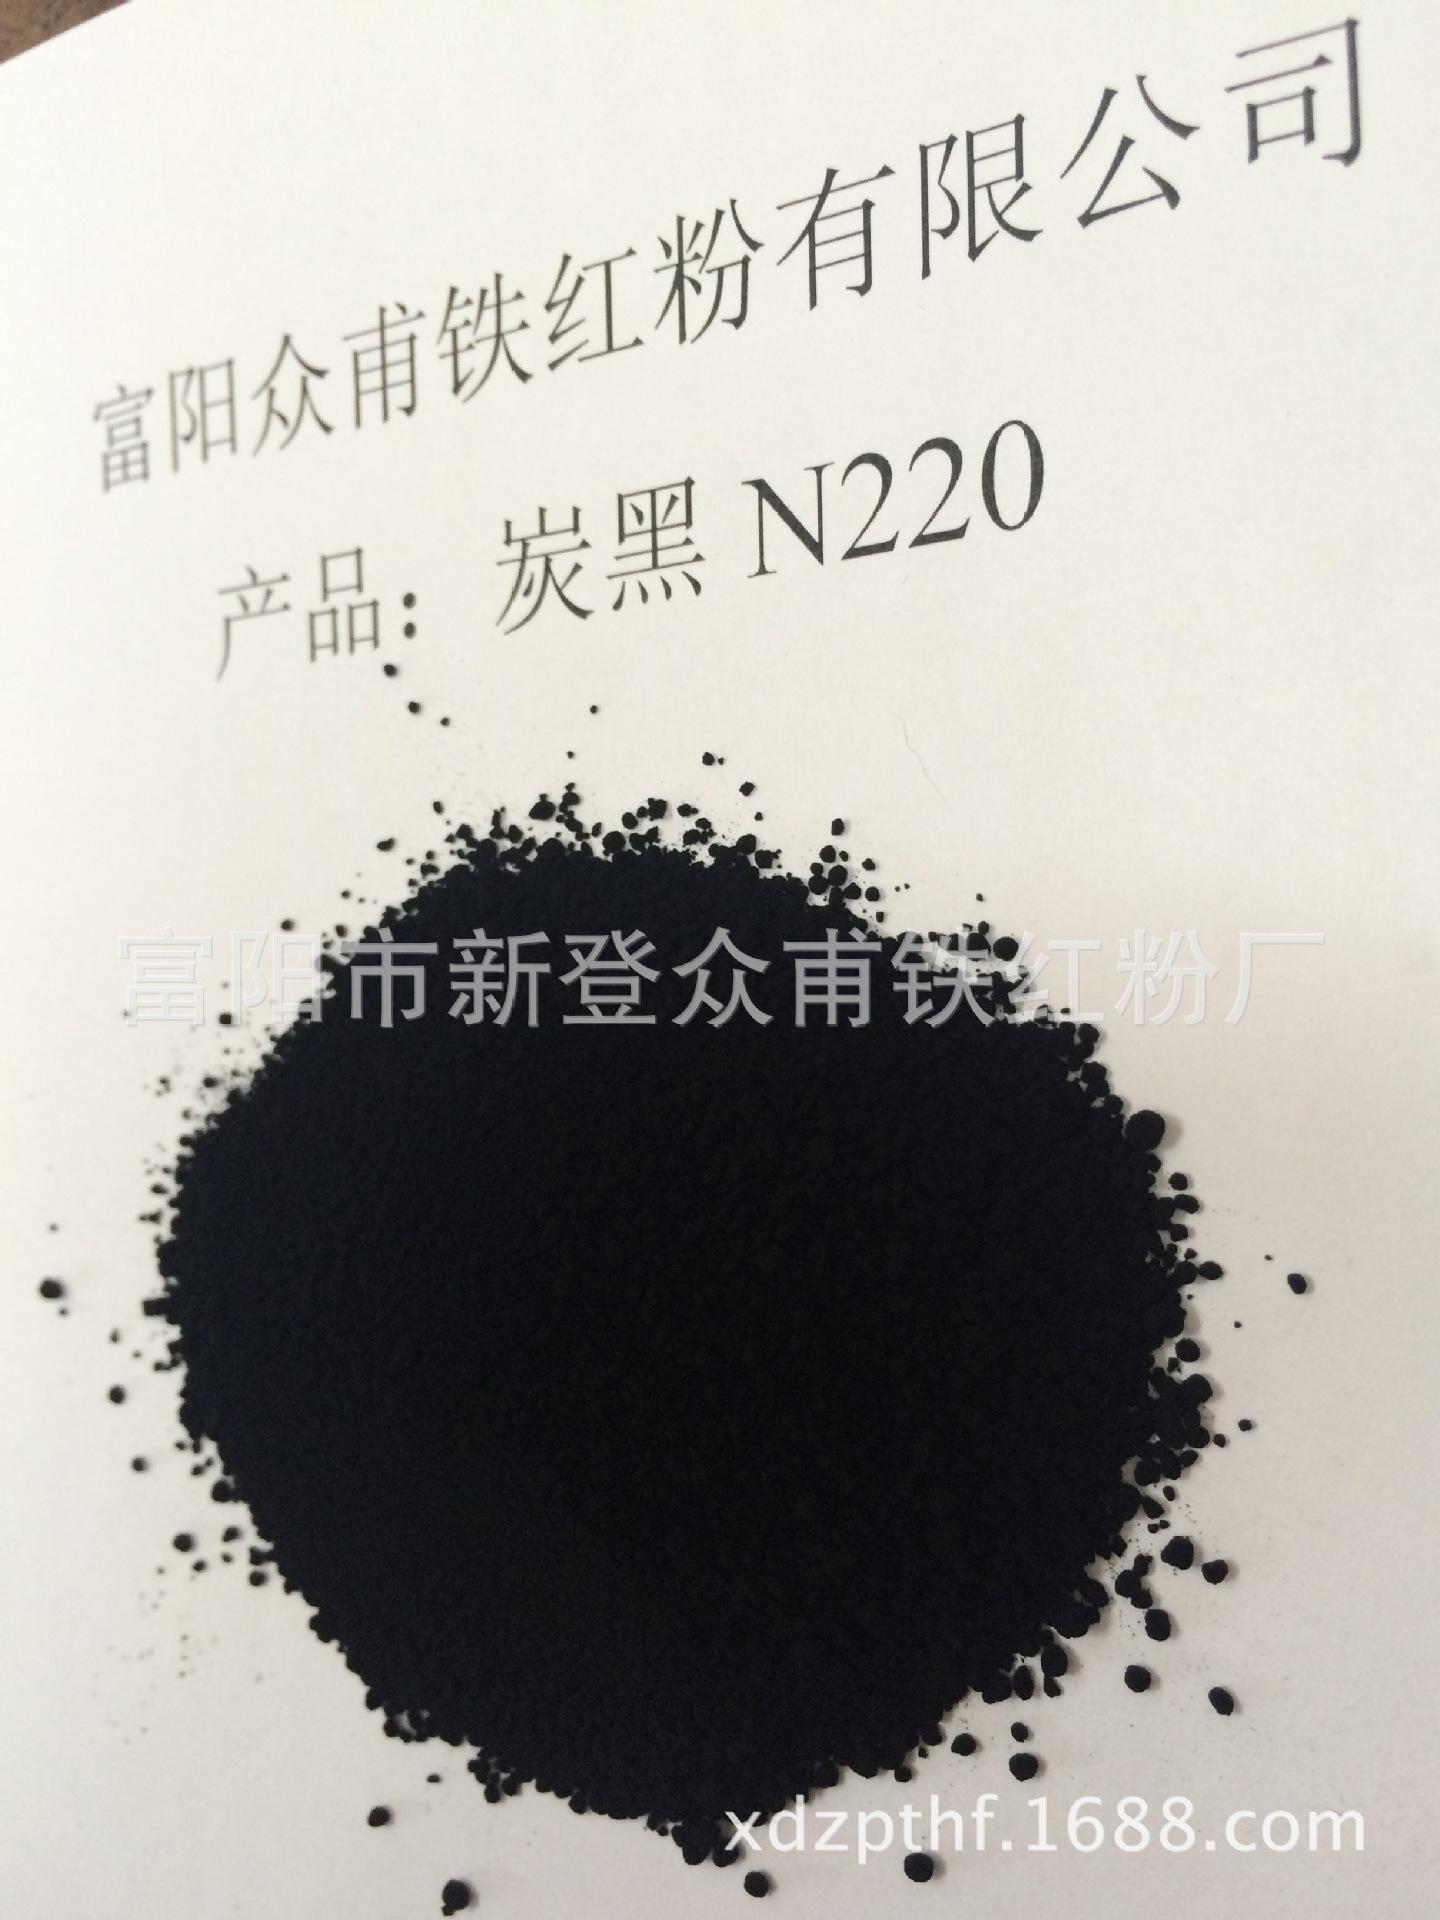 供应优质炭黑N330   220   550用于:橡胶橡塑.色母粒.塑料等